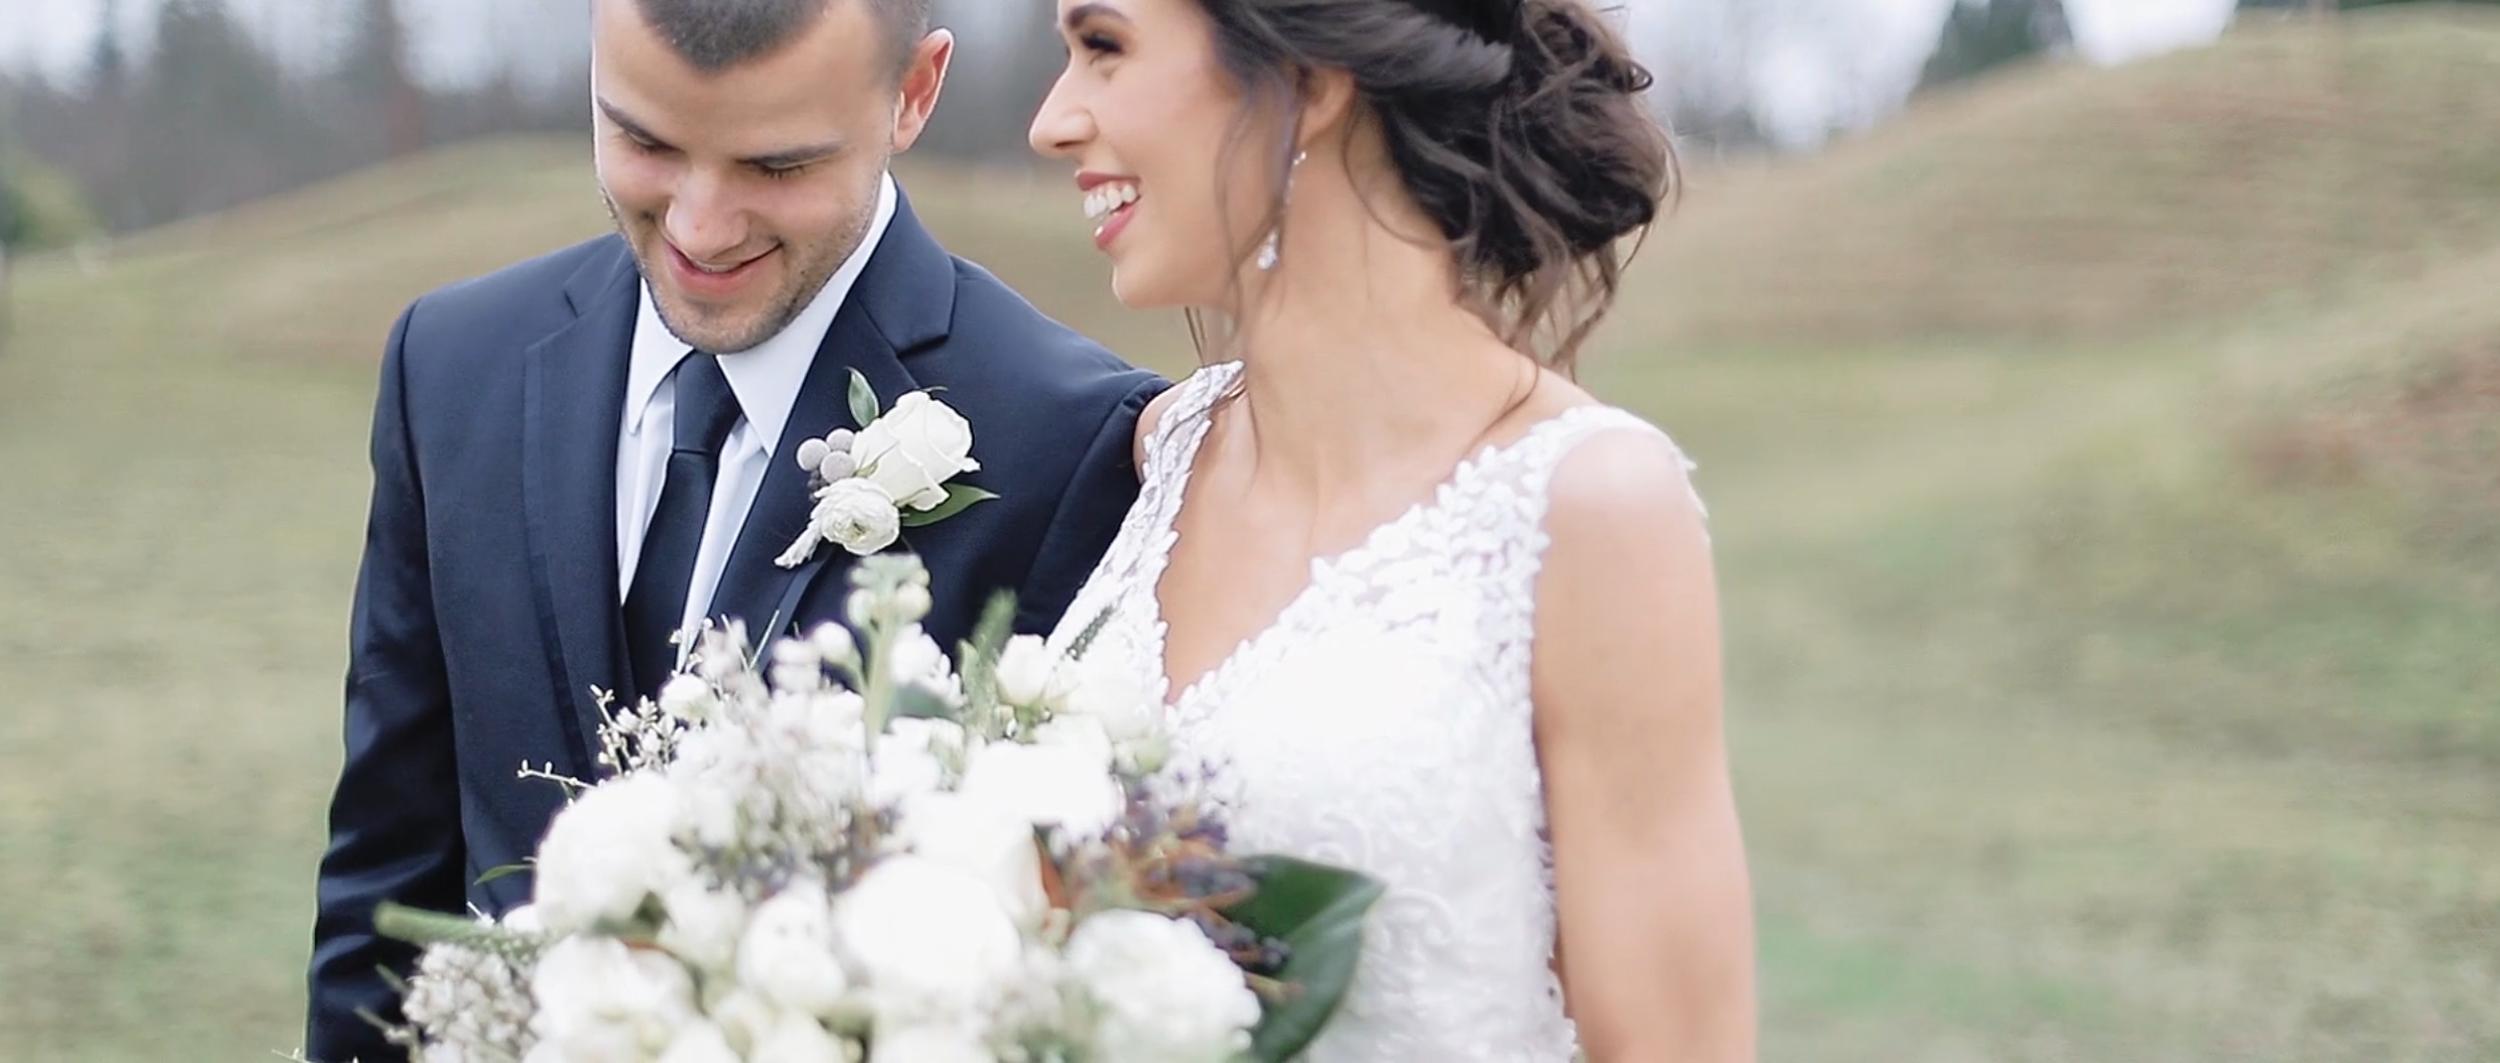 MOLLY & MATT | OLSON MANSION WEDDING